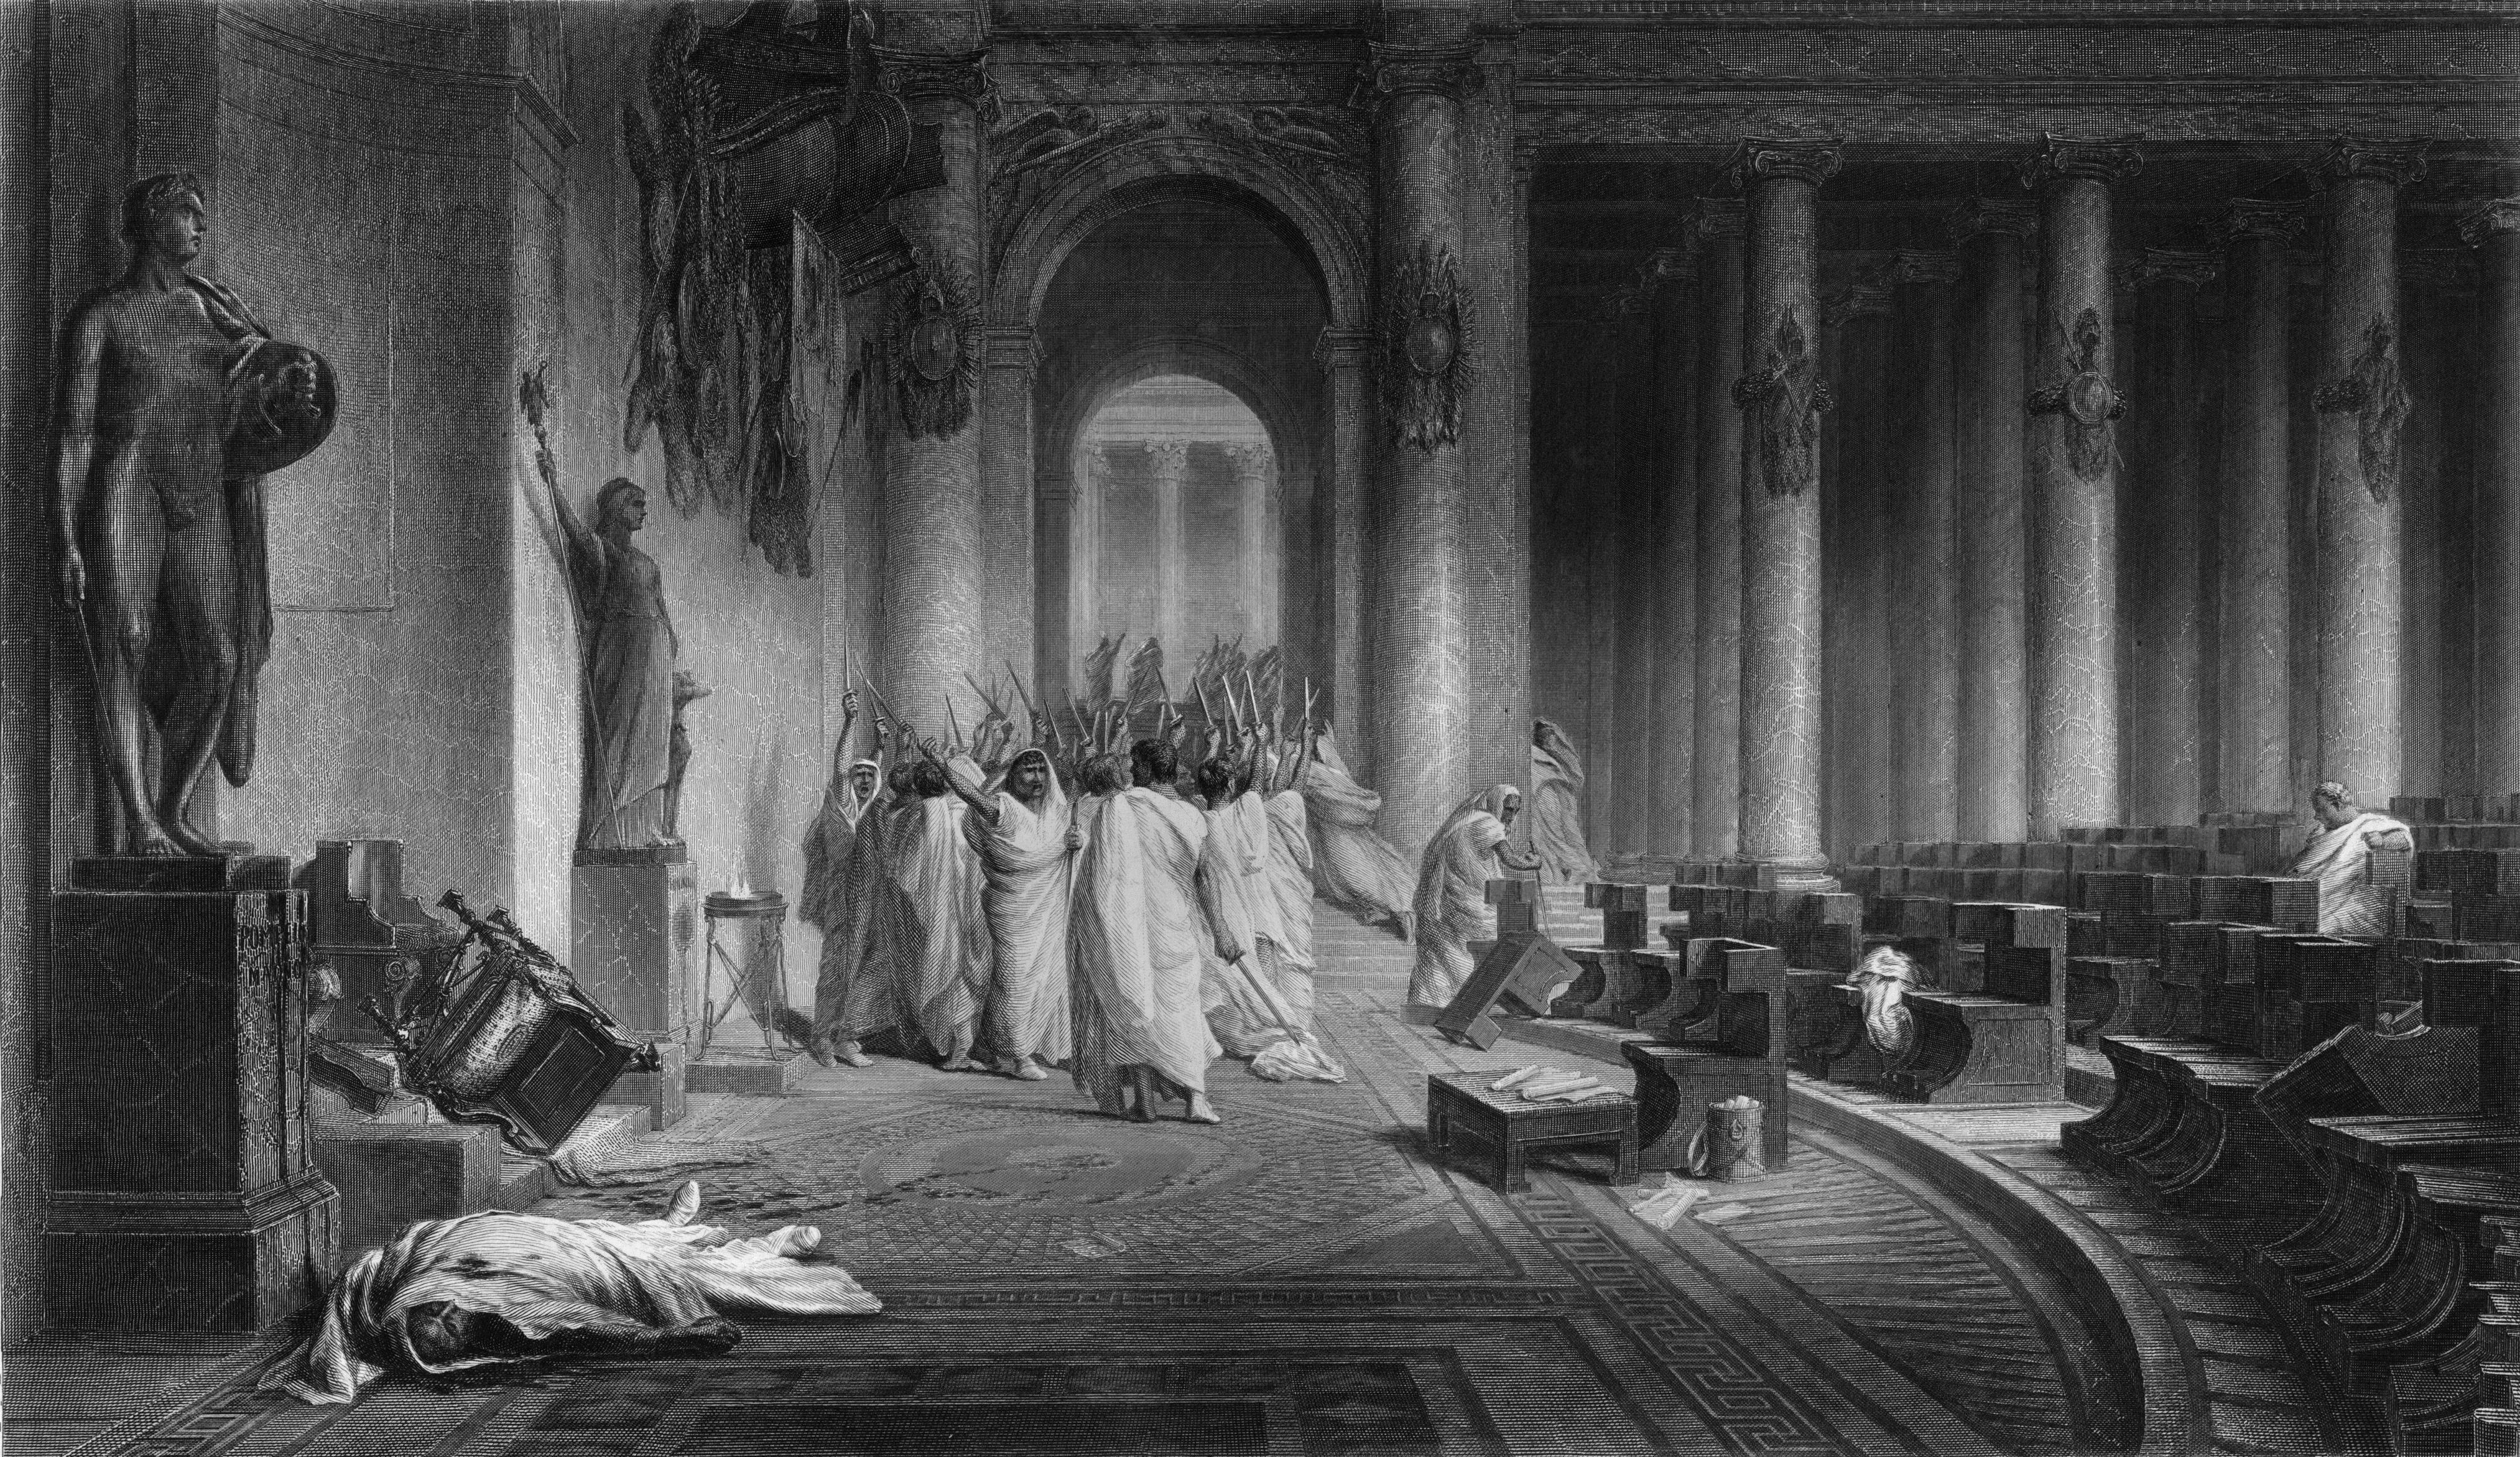 Конспираторите правят засада на Цезар на пода на Сената, 60 мъже се нахвърлят и го намушкват 23 пъти. Говори се, че в последните мигове от живота си императорът дръпнал тогата си над главата си, неспособен да понесе погледа на Брут.<br /> <br /> Ако убийците на Цезар са смятали, че спасяват Републиката, жестоко са се лъгали. Смъртта на героя на хората довежда огромен брой мъже под знамената на Октавий, племенник и осиновен син на Цезар, който събира армия и флота, за да отмъсти на заговорниците, а след това се обръща срещу съюзника си Марк Антоний. Междувременно в Рим избухва гражданска война. След края на кръвопролитието много велики мъже са мъртви, Октавий става император, който обаче слага края на Римската република след 500-годишно съществуване.